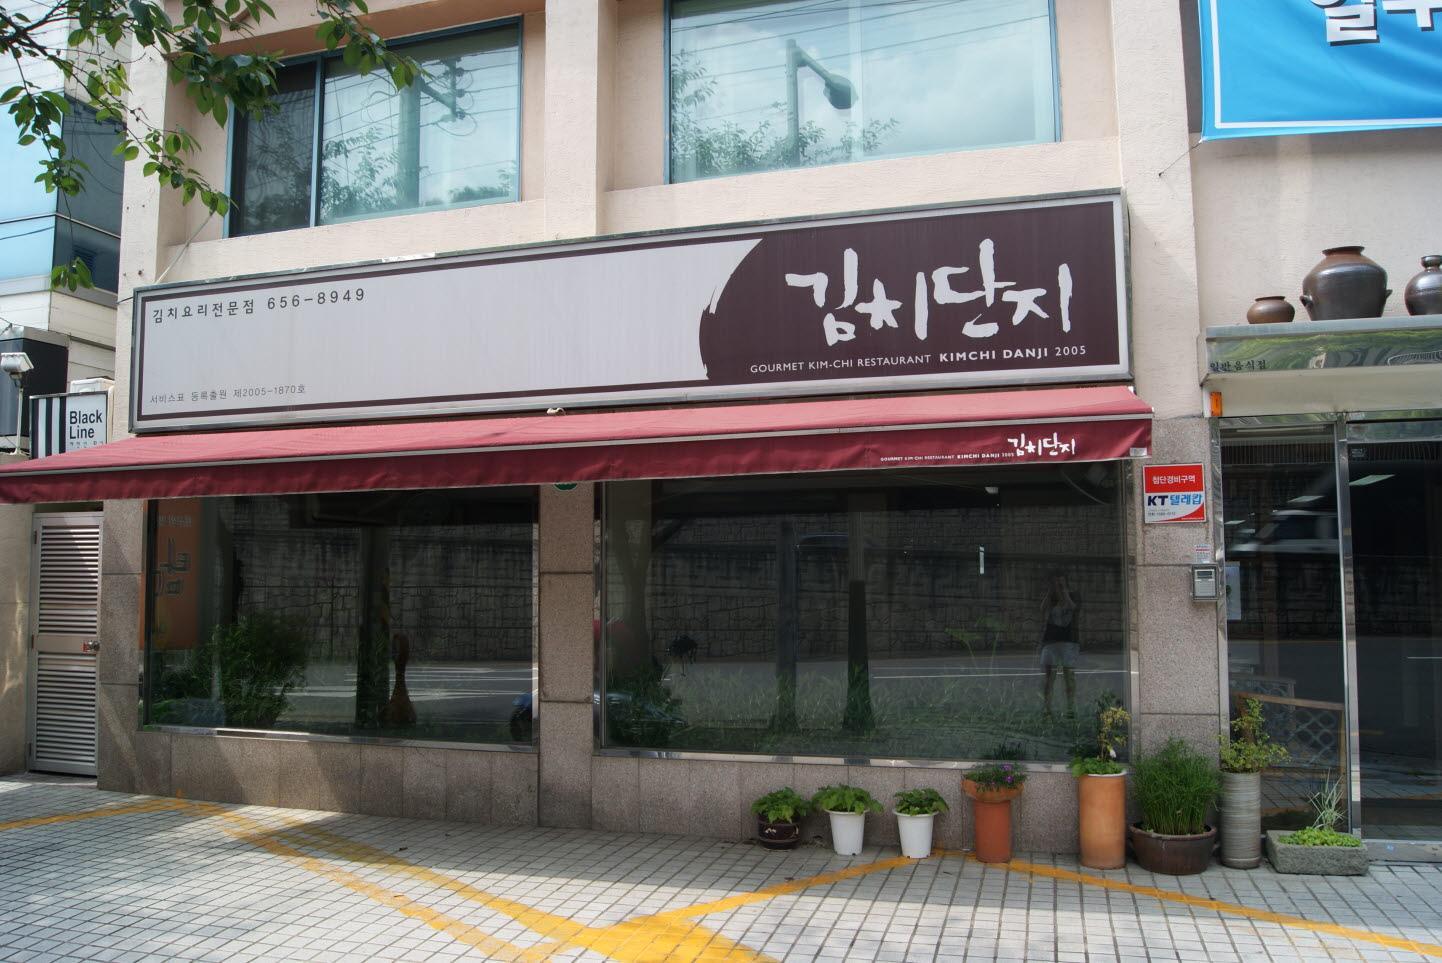 김치단지 1